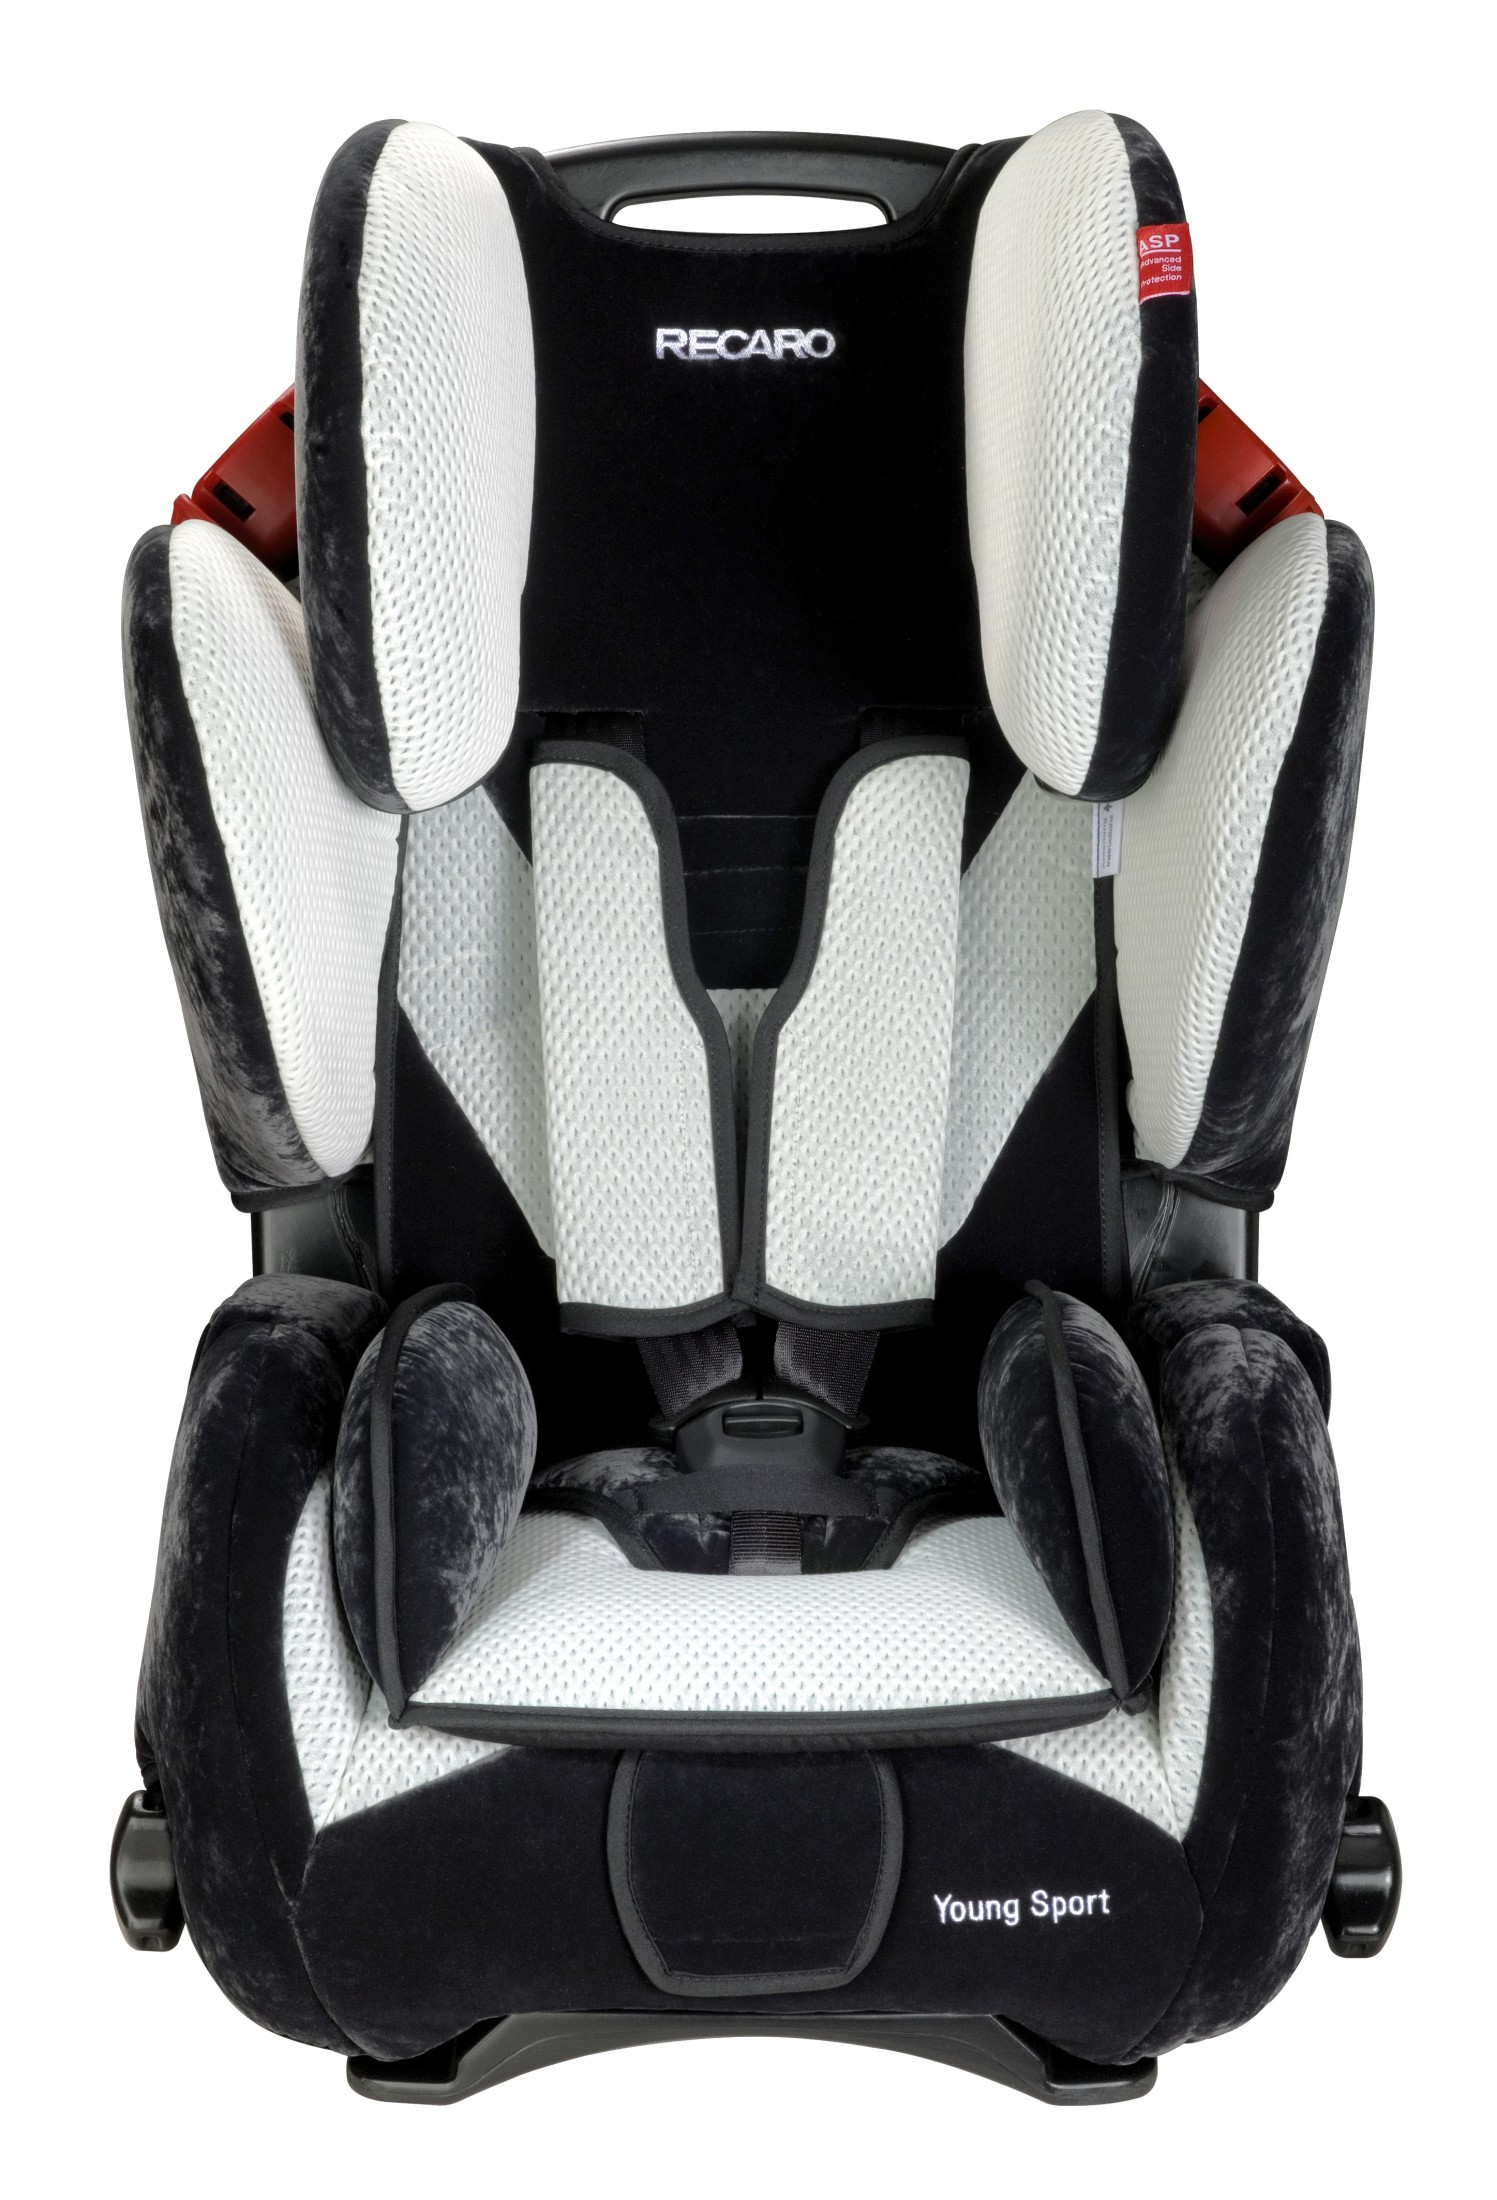 Recaro Young Sport Microfibre Black/silver Autositz